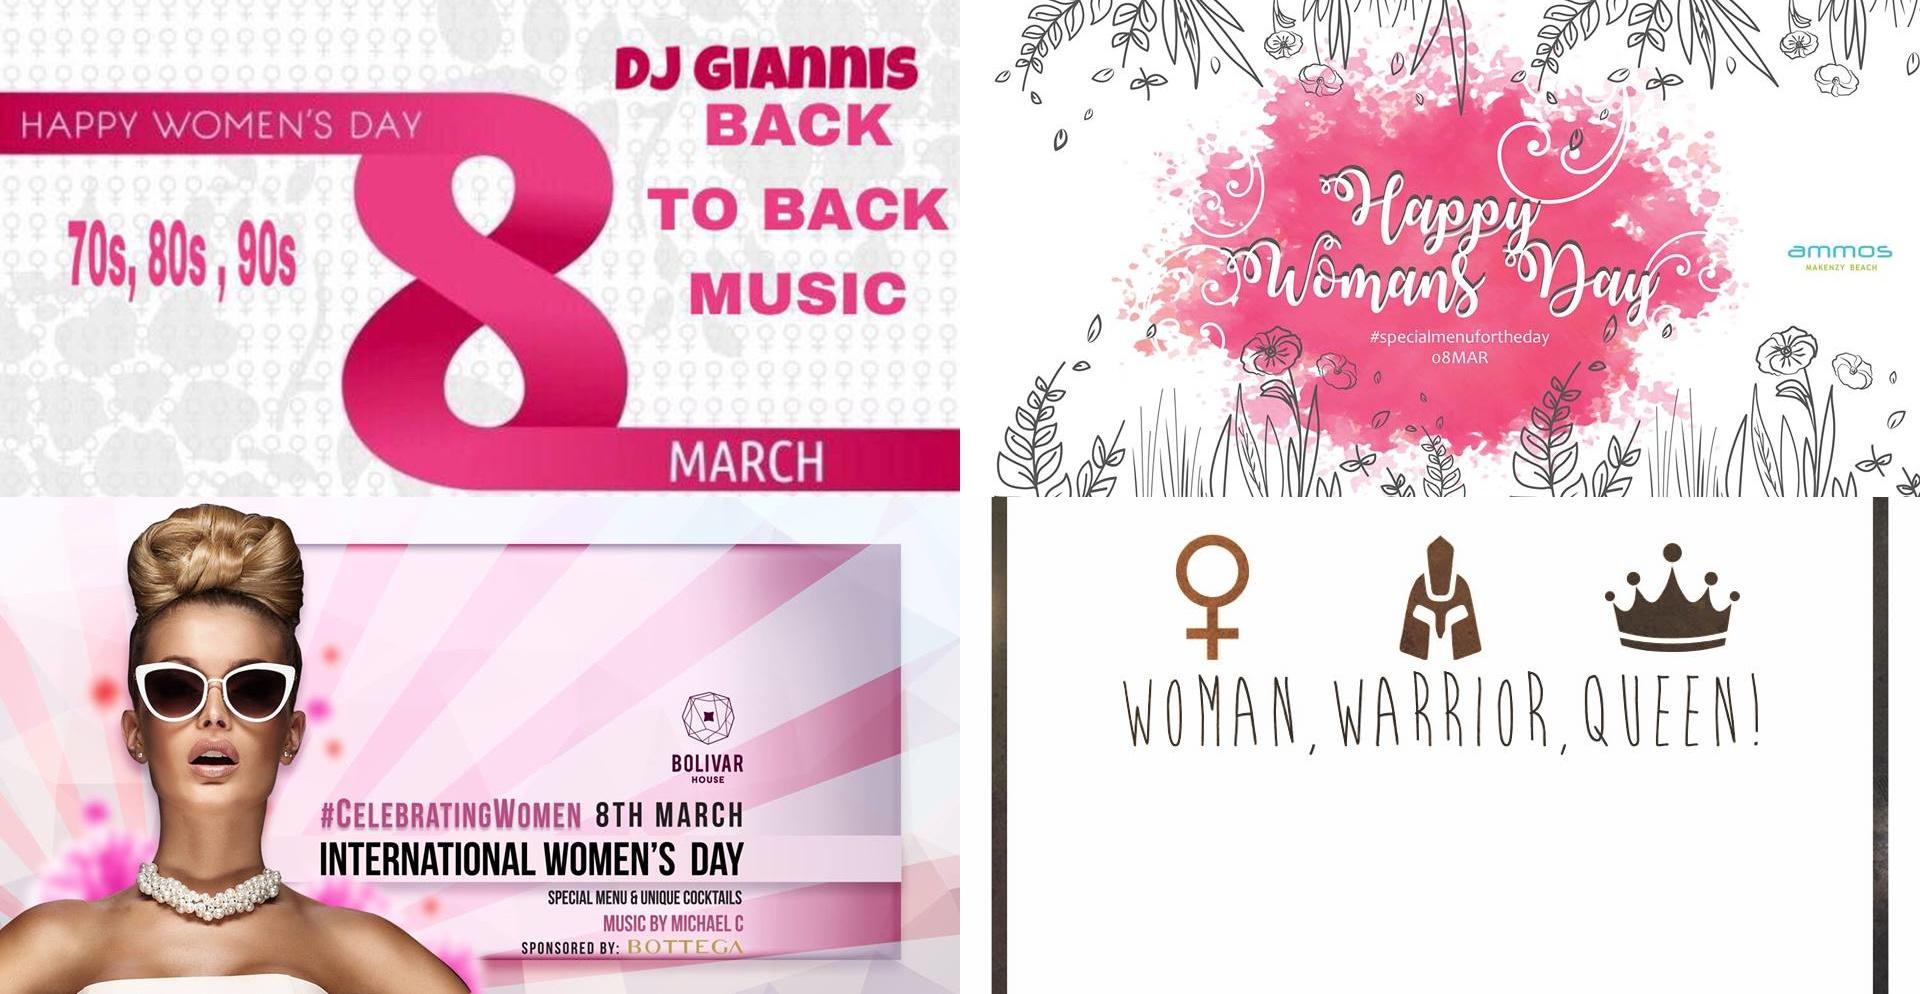 Πως θα γιορτάσει η Λάρνακα την Ημέρα της Γυναίκας;